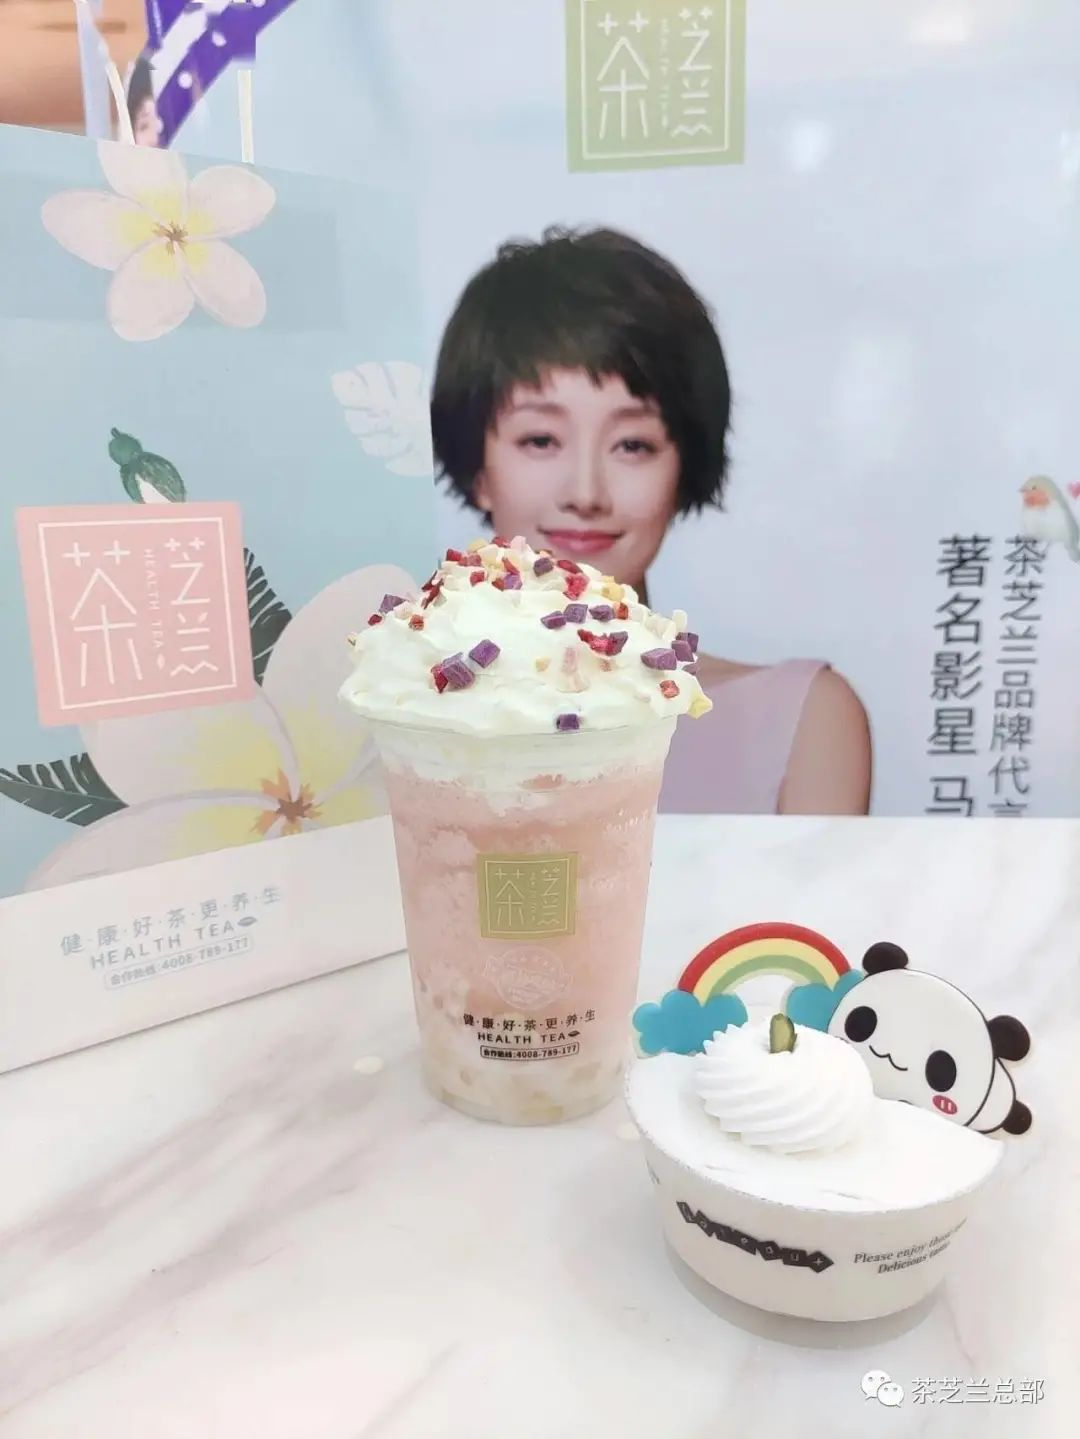 沐鸣注册网站热搜第一 马伊琍道歉!涉案7亿 网红奶茶店爆雷!